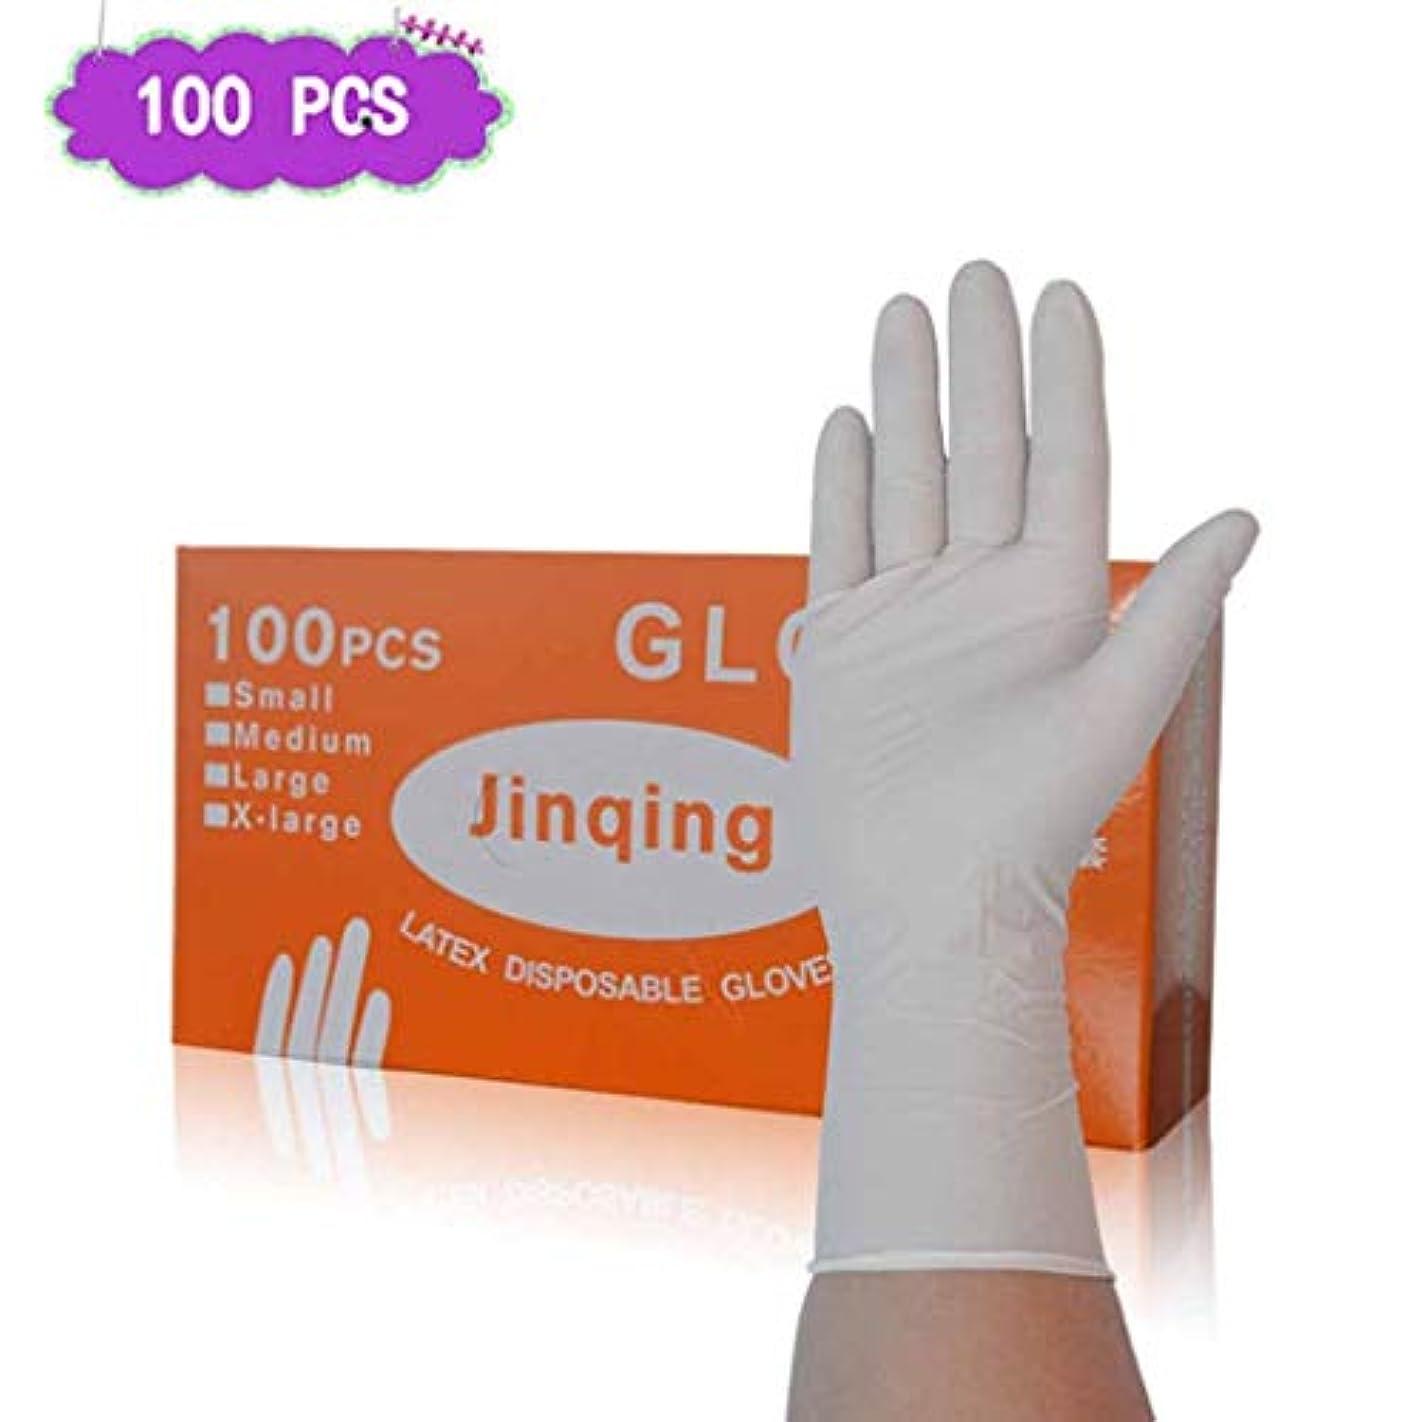 平和な努力長方形ニトリルグローブ12インチの長い厚い白い食品グレードラテックステストゴム、非滅菌、デューティ試験手袋|病院、法執行機関、食品ベンダー向けのプロフェッショナルグレード (Size : M)